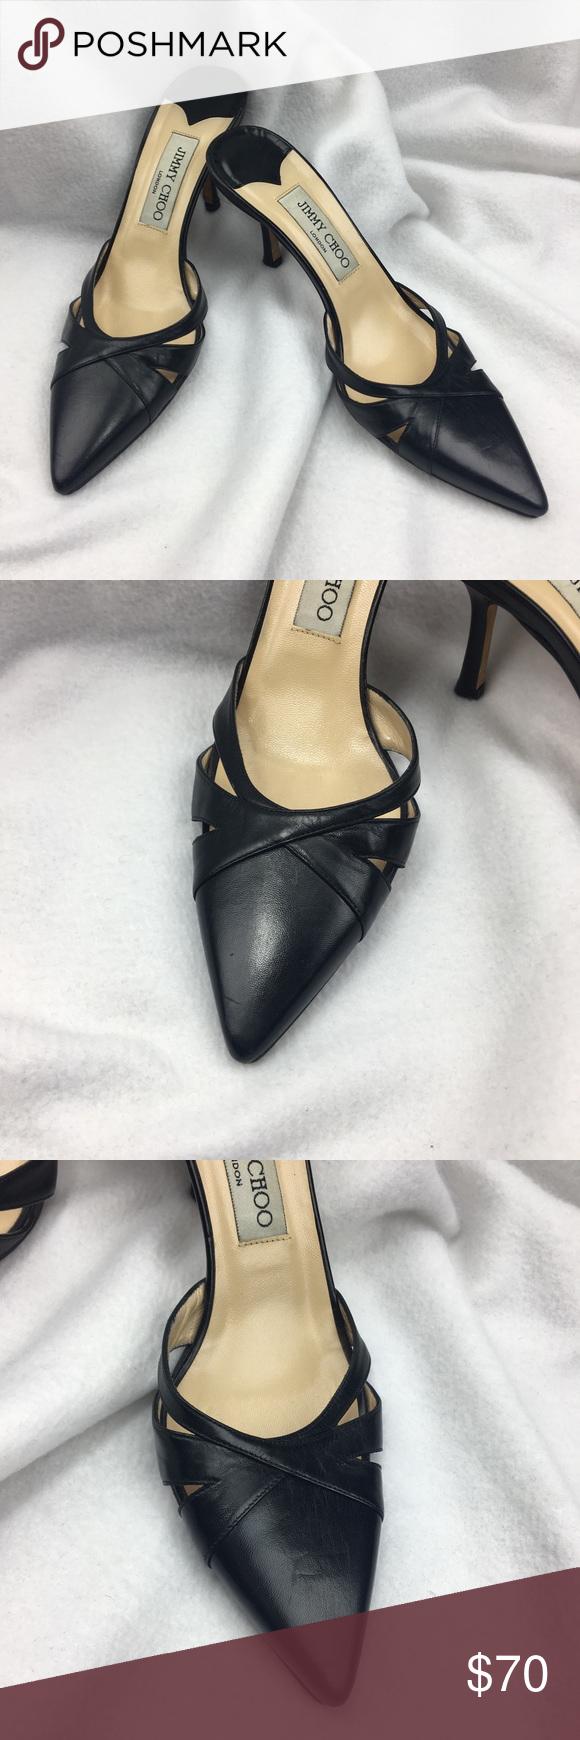 Jimmy Choo Black Kitten Heels Black Slide On Leather Shoes With A Short Kitten Heel Runs Narrow They Have Some Shal Black Kitten Heels Heels Jimmy Choo Heels